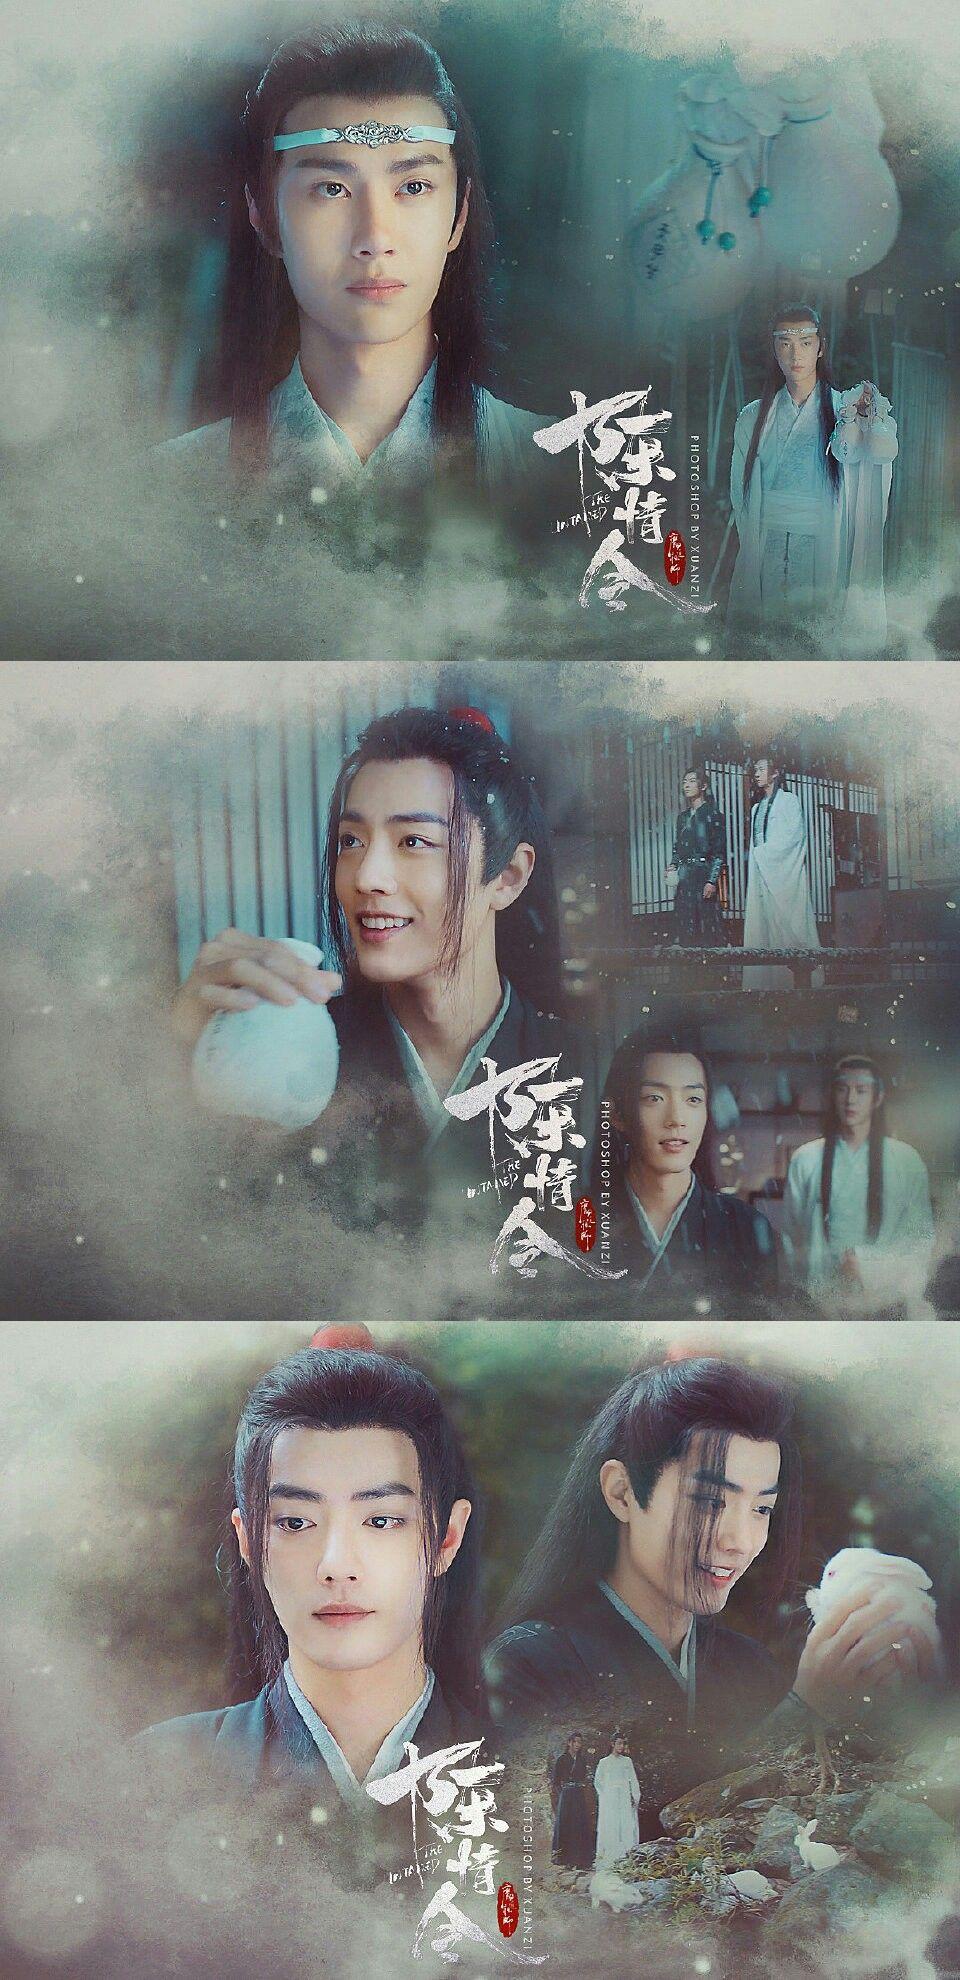 Ghim của Flora Yuen trên Drama Trần tình lệnh 陈情令 魔道祖师